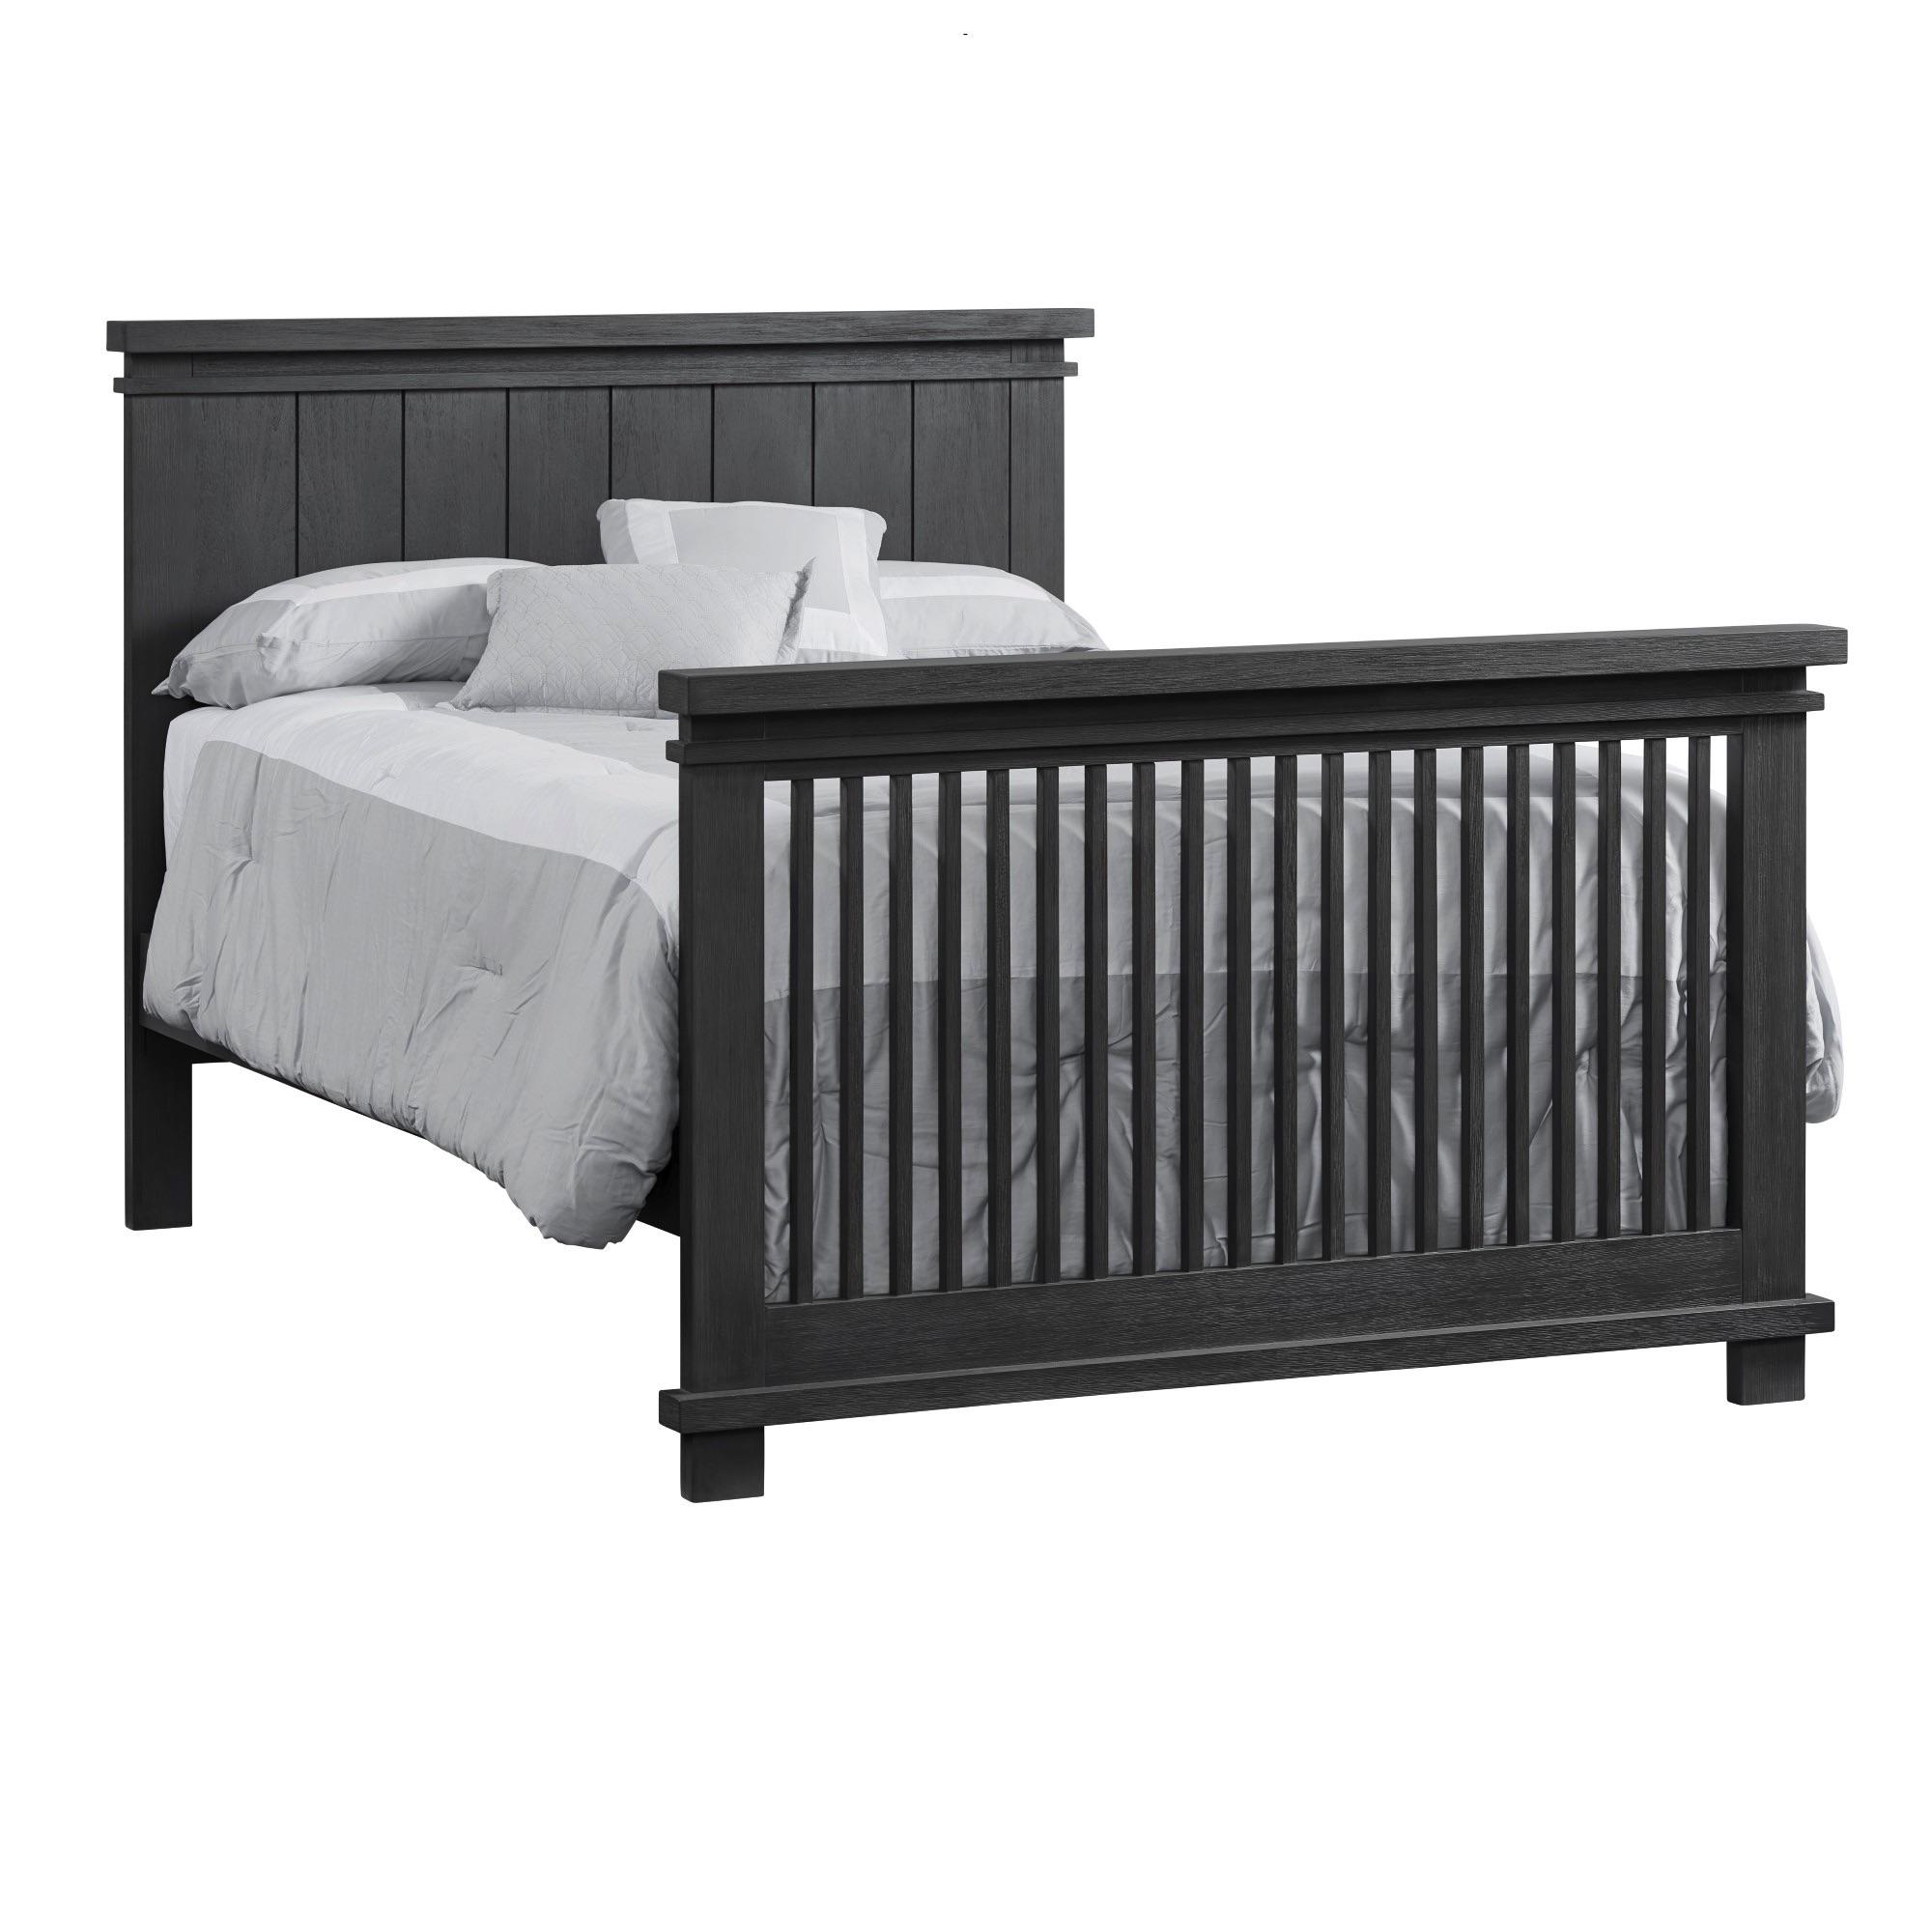 8e6171b068 Full Bed Conversion Kit - Hampton - Canyon Gray